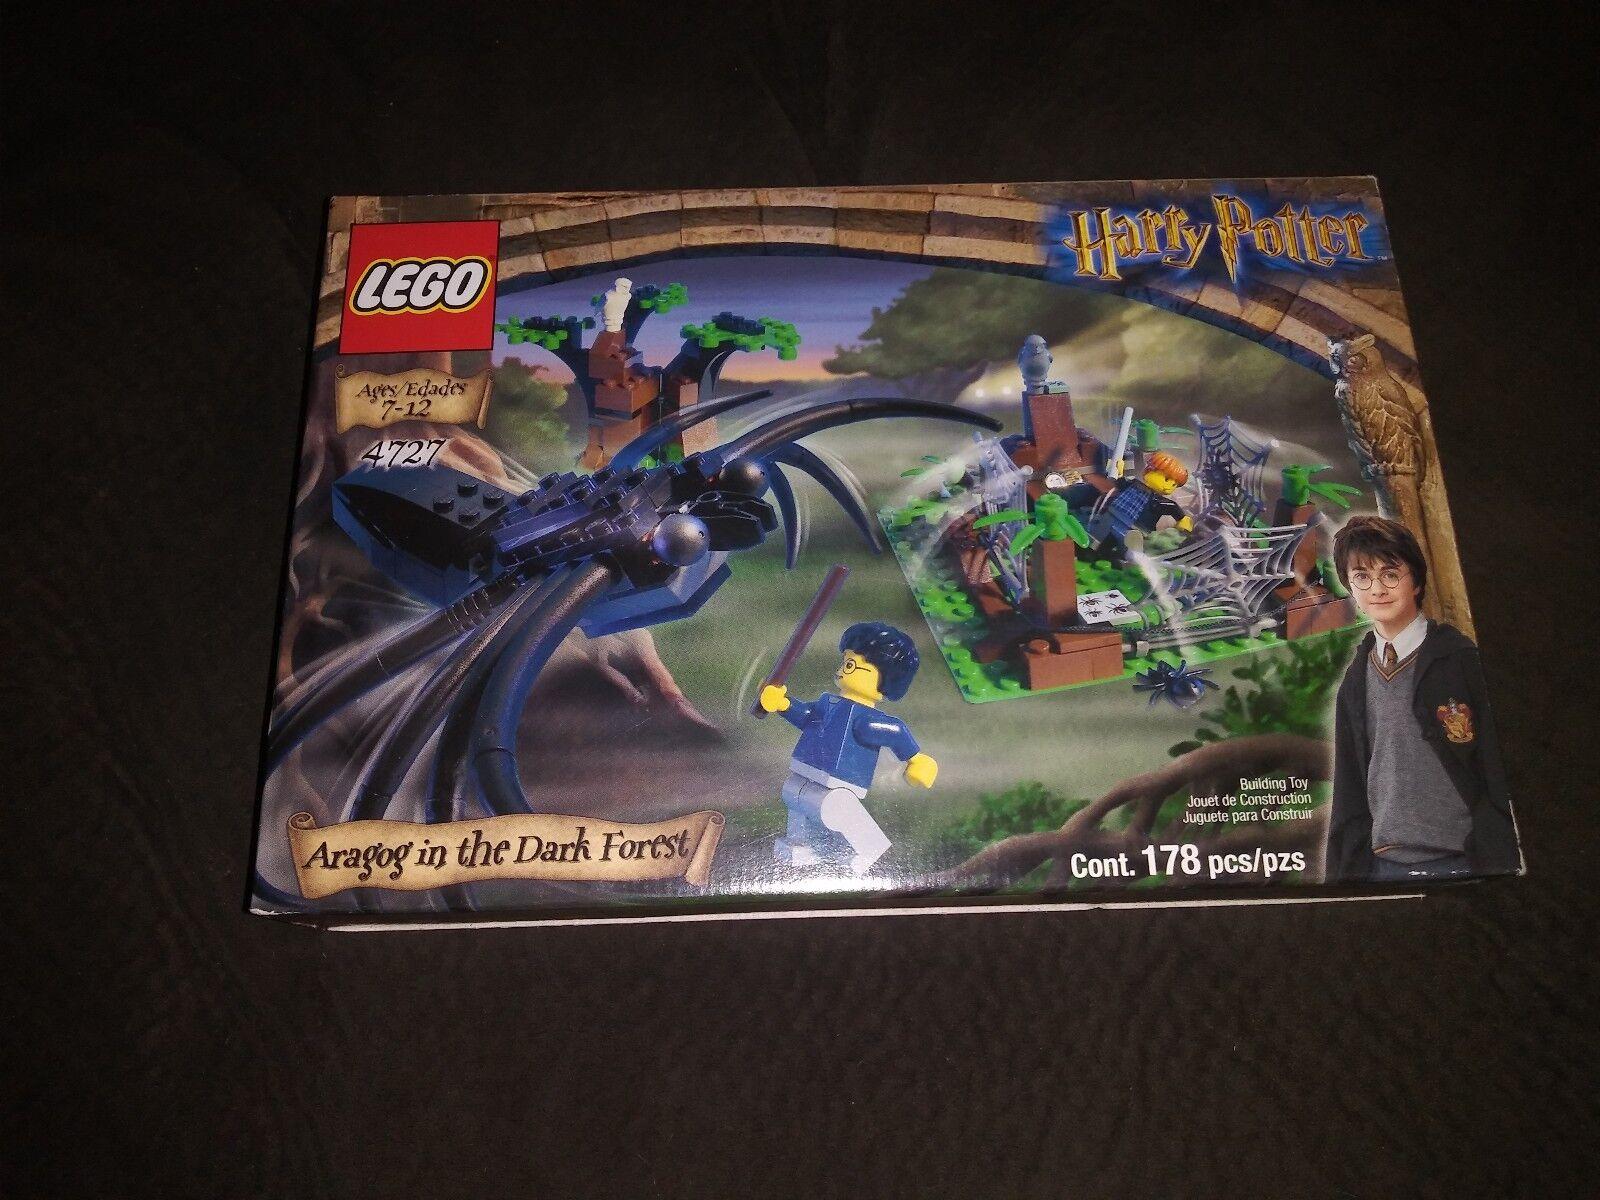 per poco costoso -SEALED- -SEALED- -SEALED- LEGO Harry Potter Aragog In The Dark Forest (4727)  acquisto limitato